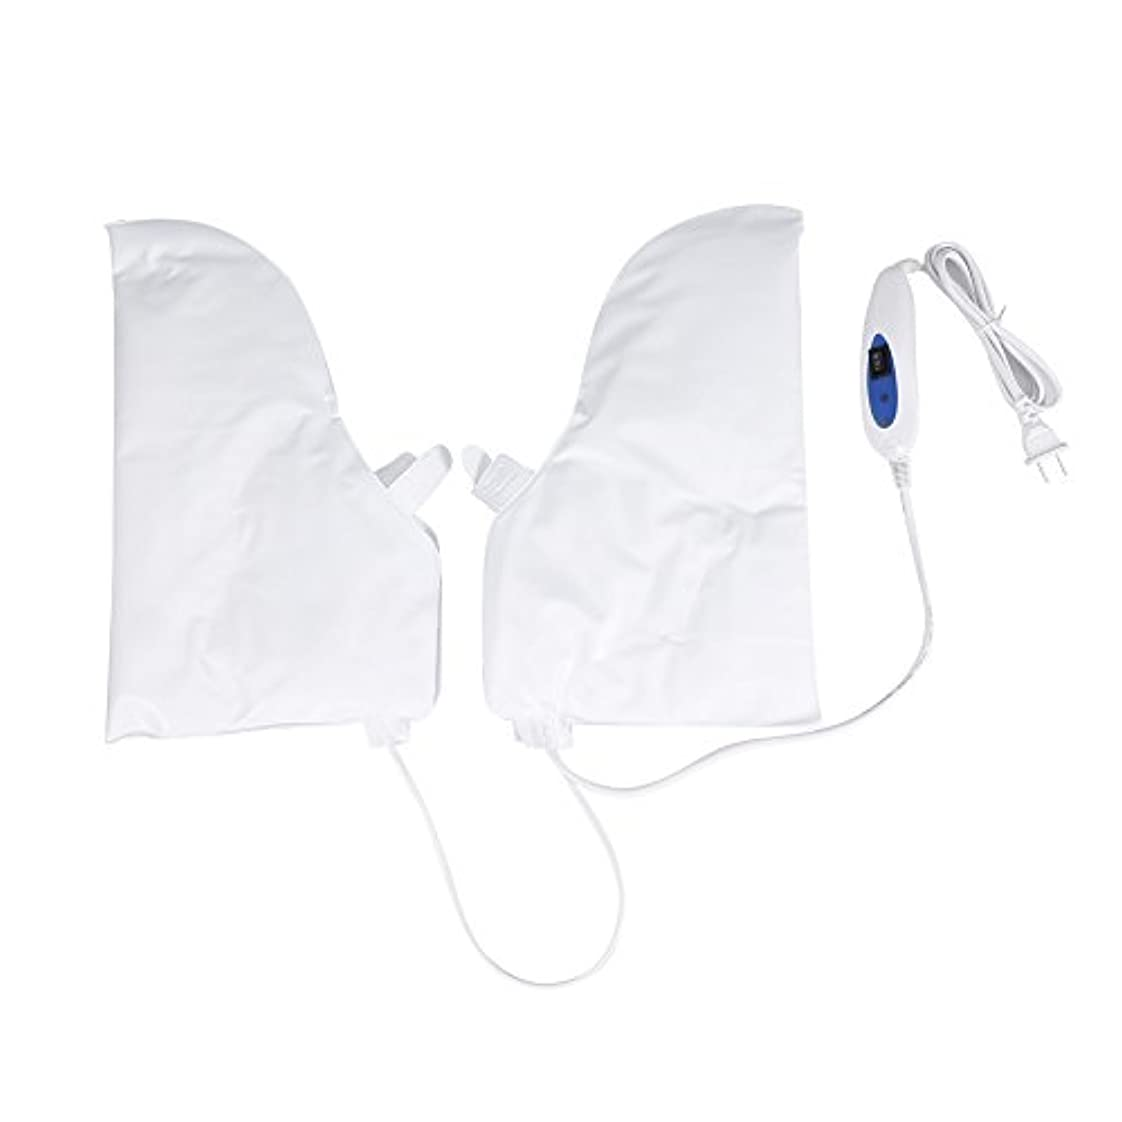 水星暖かく拾うハンドケア フットカバー 2 in 1 蒸し手袋 うるおい 保湿 保護 乾燥対策 手荒れ対策 補水 保湿 美白 しっとり 美容 手袋 加熱式 電熱手袋